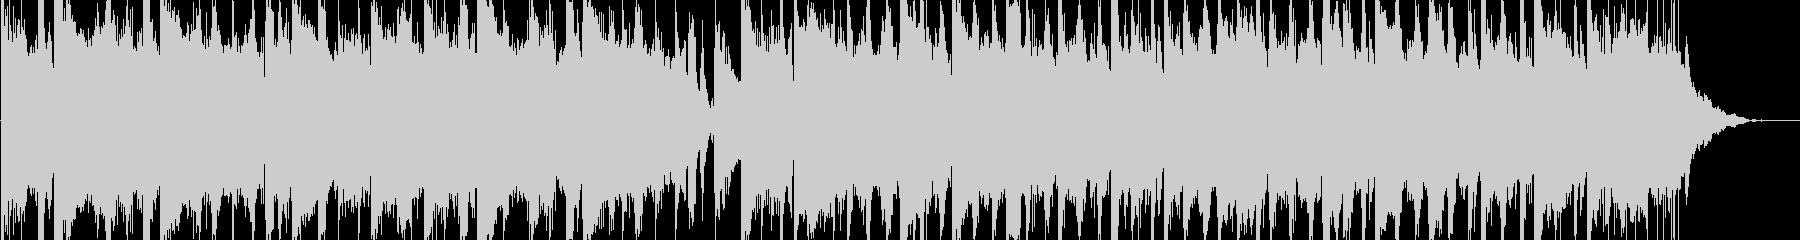 奇妙でちょっとホラーな浮遊感あるBGMの未再生の波形